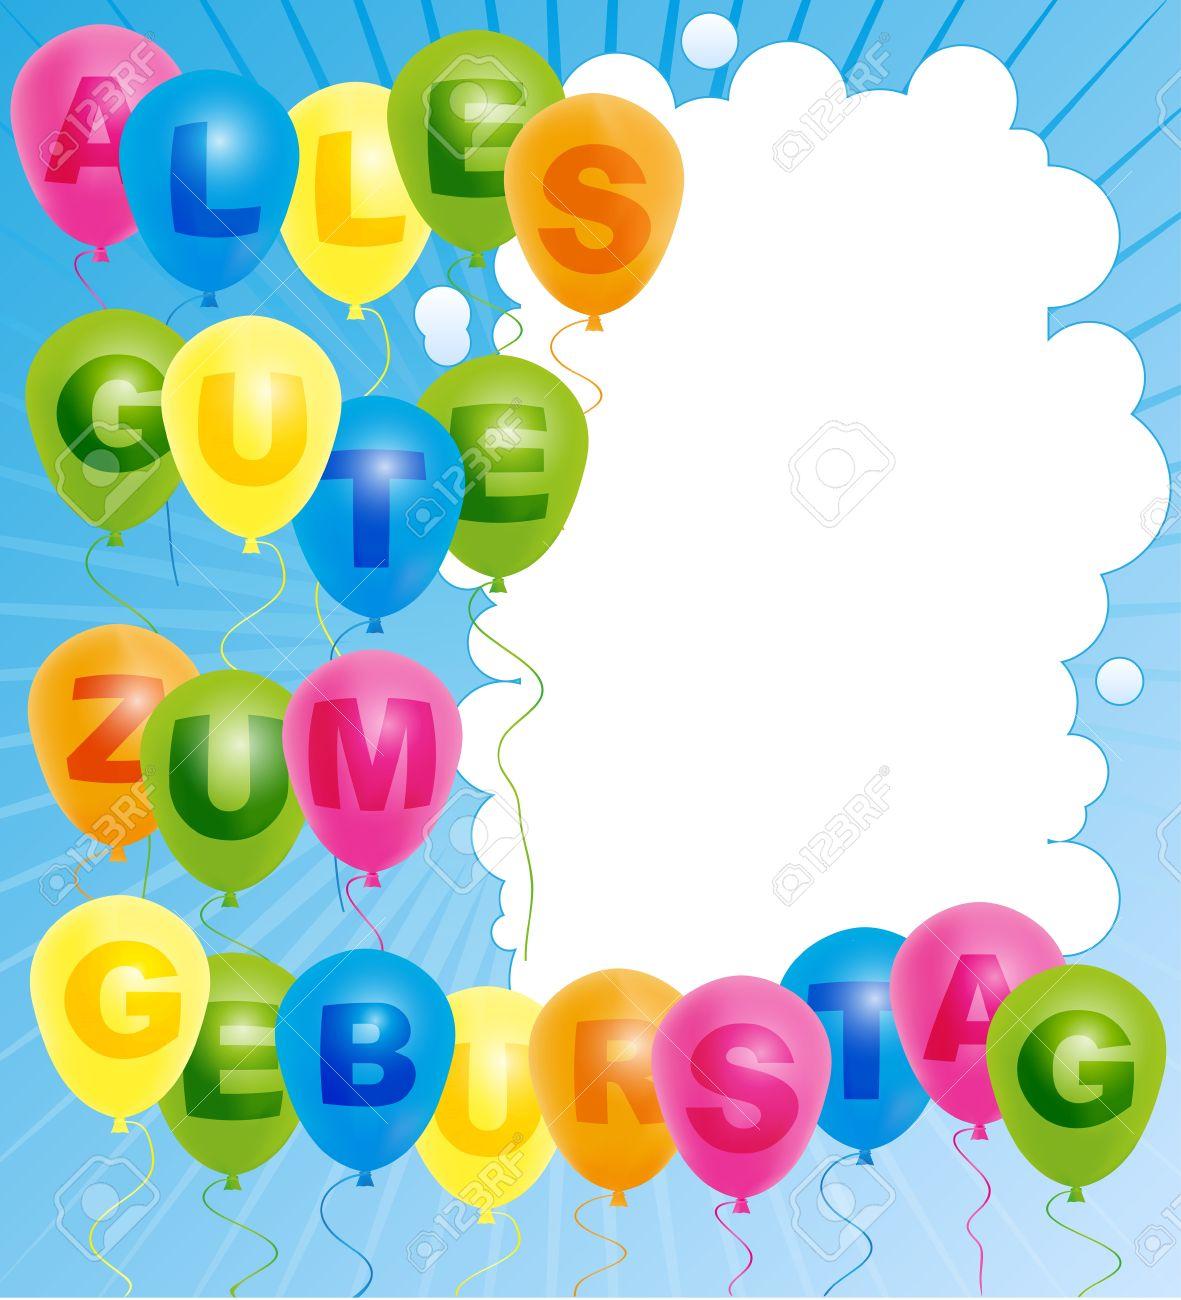 Поздравление с днем рождения на немецком языке для женщины